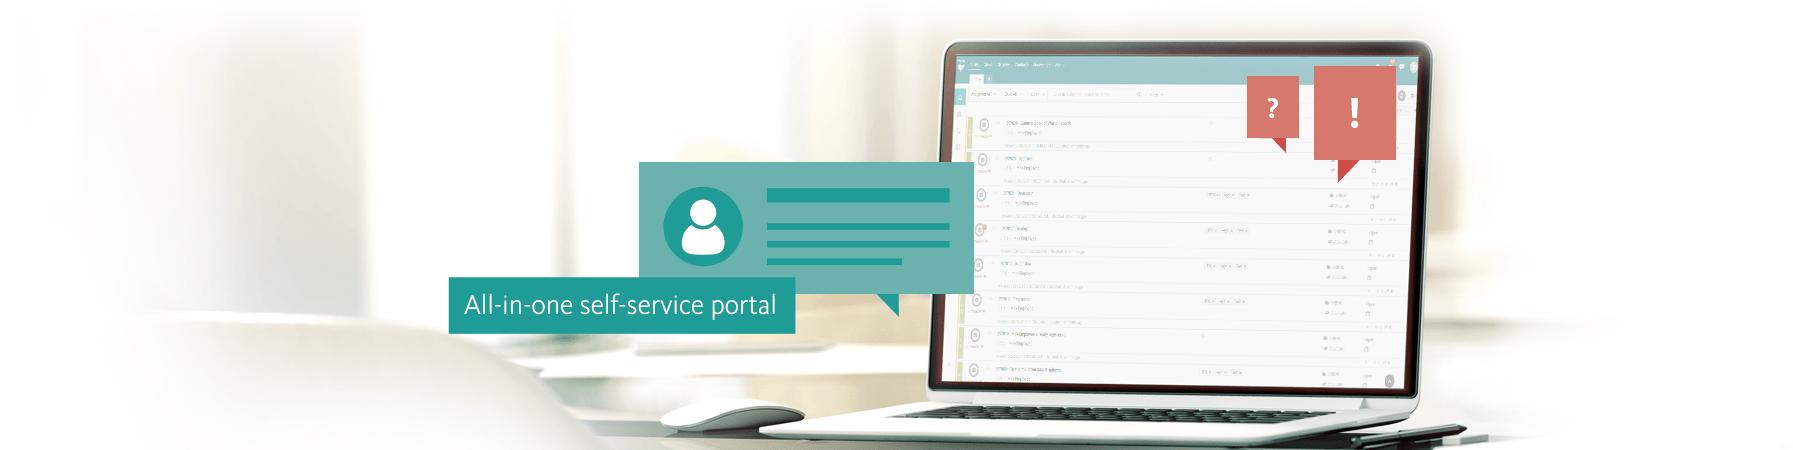 AI based self-service portal